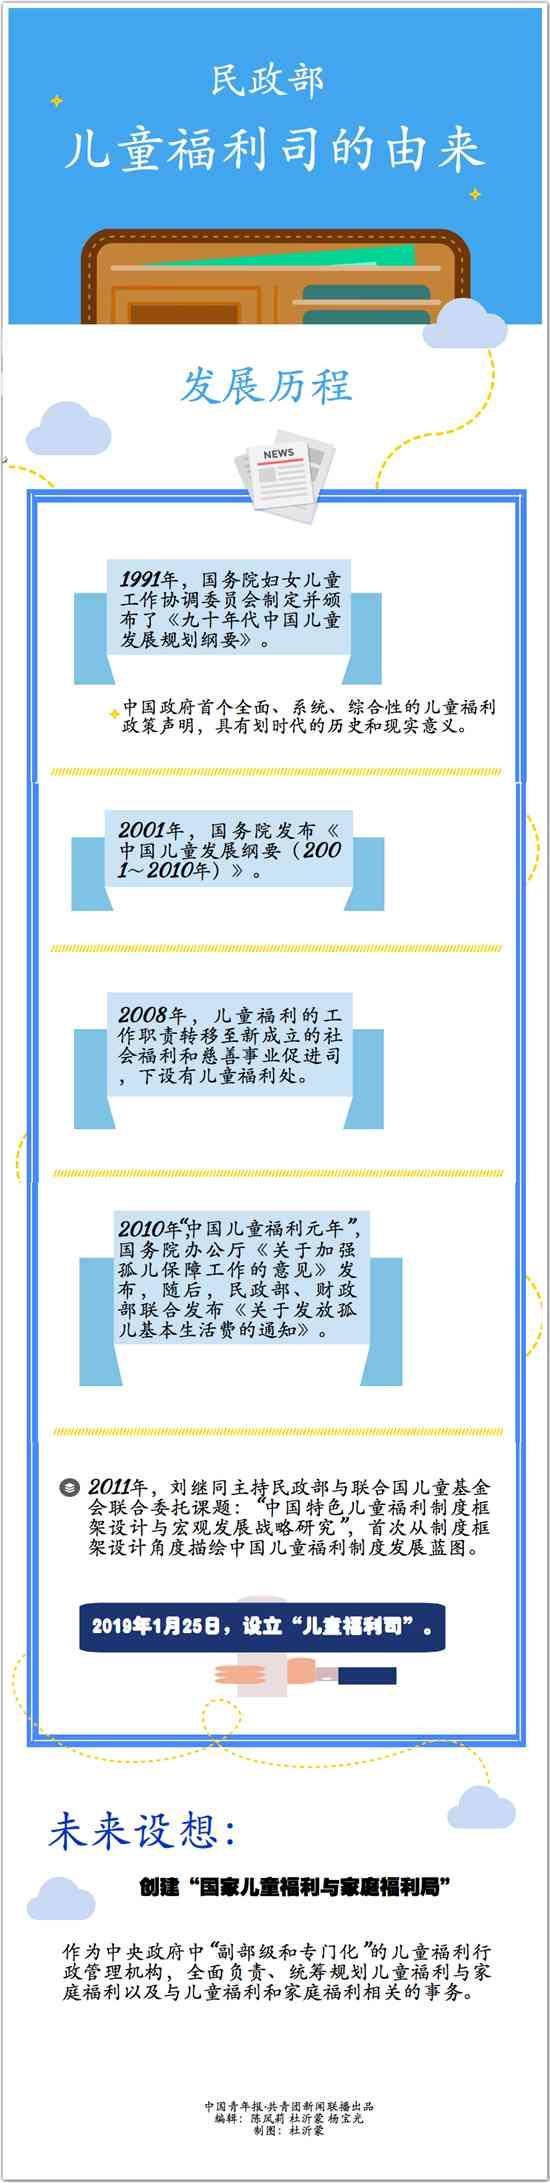 """""""儿童福利司""""首倡者刘继同:要将儿童福利范围扩至所有儿童"""